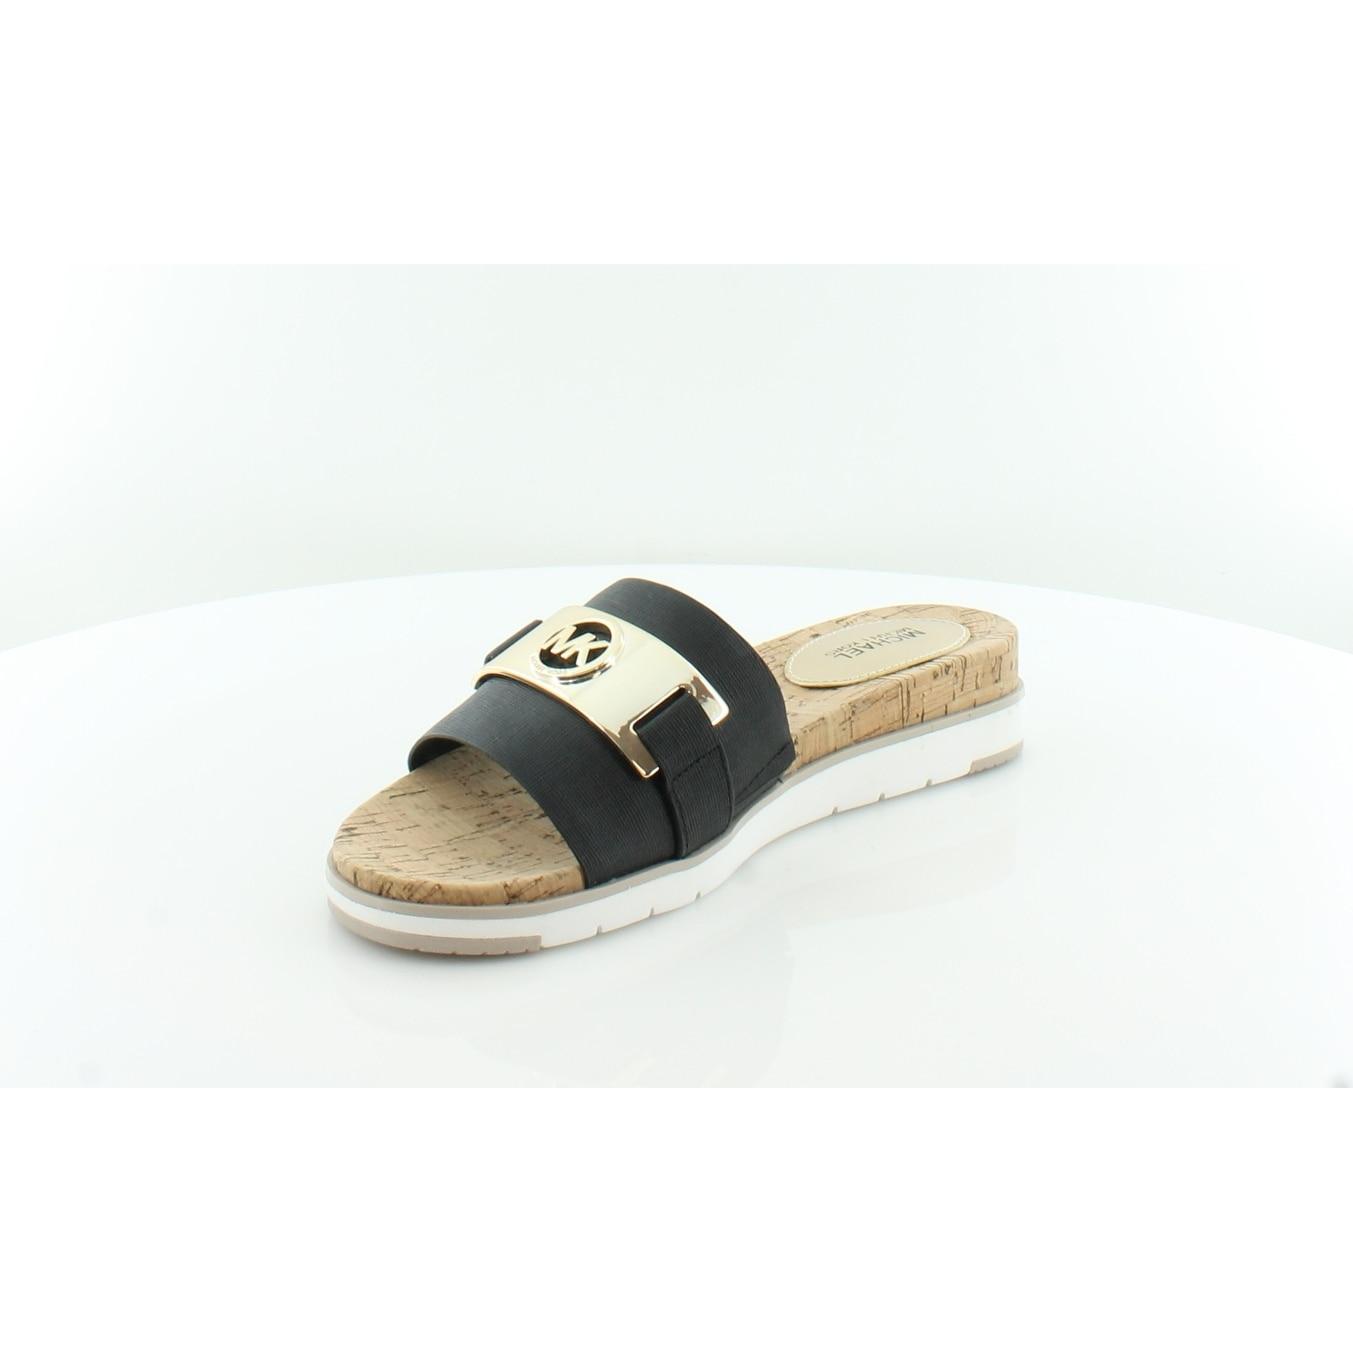 c28d941a9a3a Shop Michael Kors Warren Slide Flat Sandal Women s Sandals   Flip Flops  Black - Free Shipping Today - Overstock - 21853123